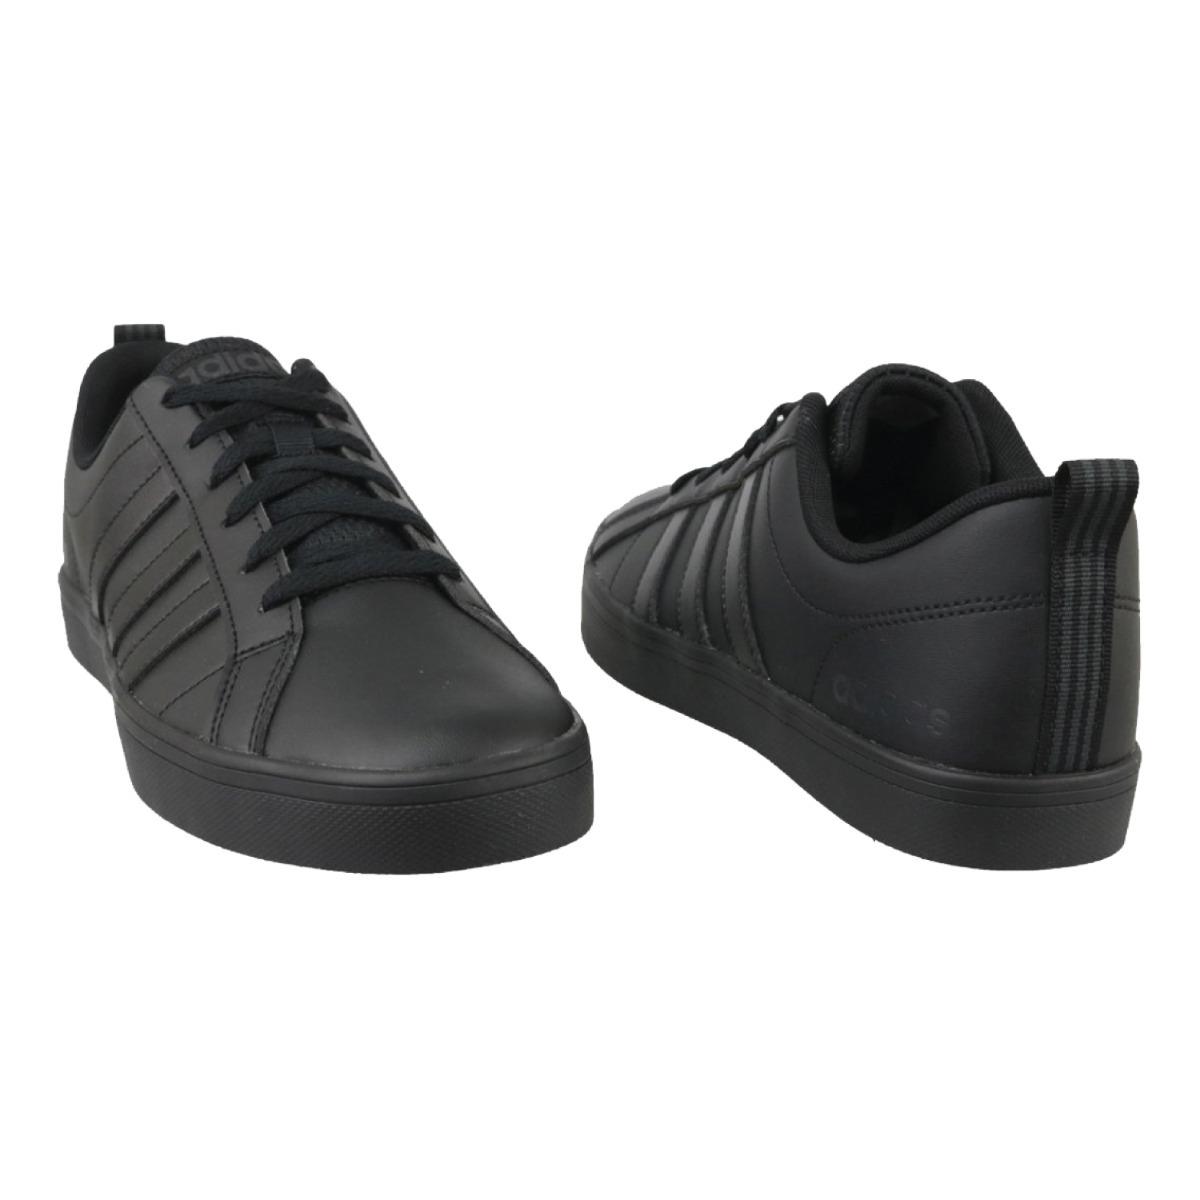 zapato adidas hombre vs pace